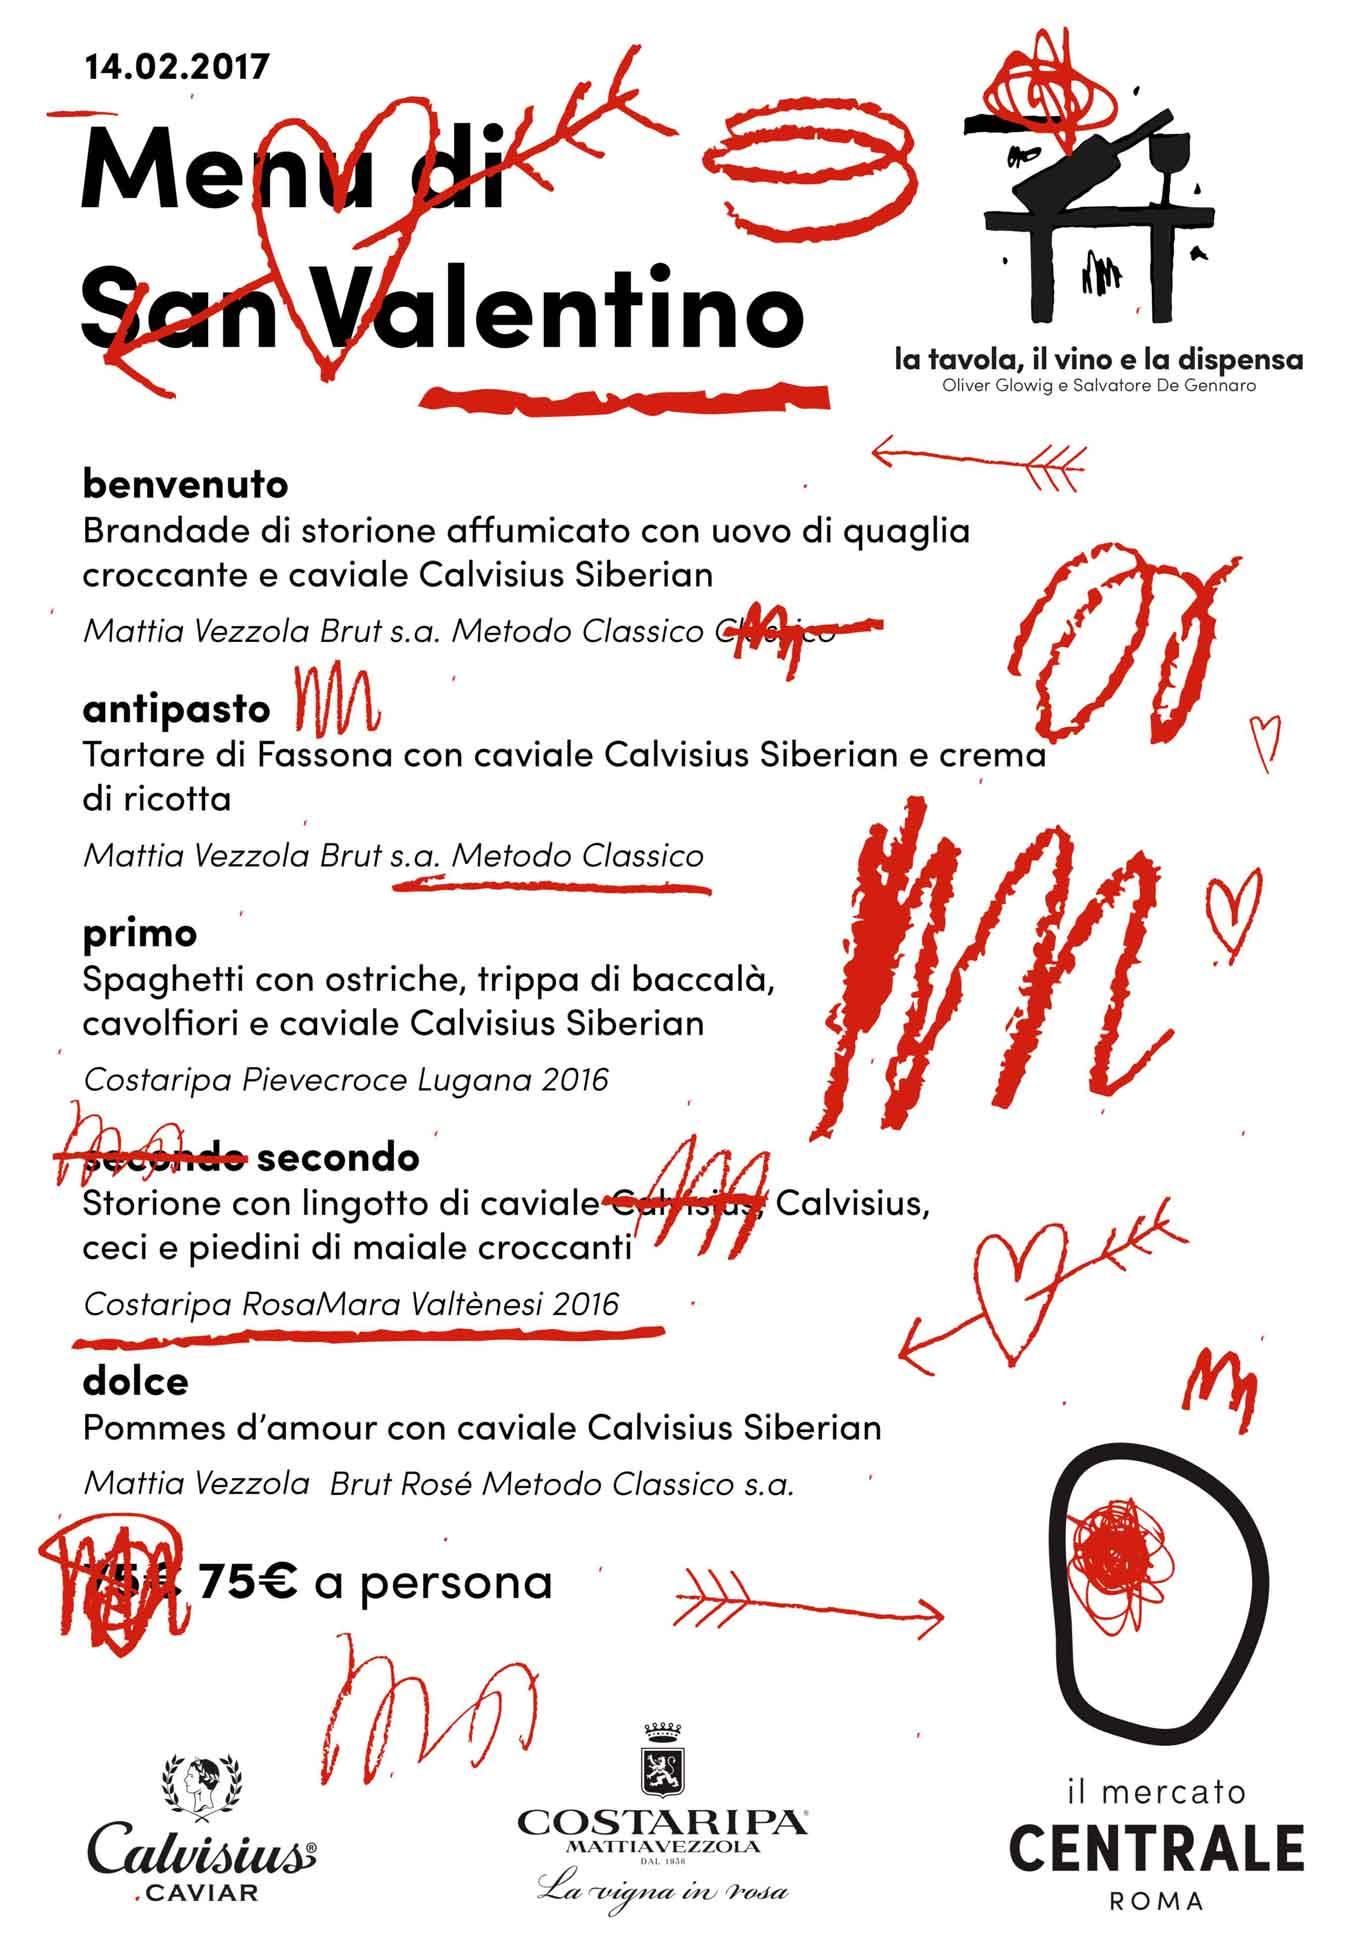 60 ristoranti per San Valentino con menu e prezzi dal nord al sud ...